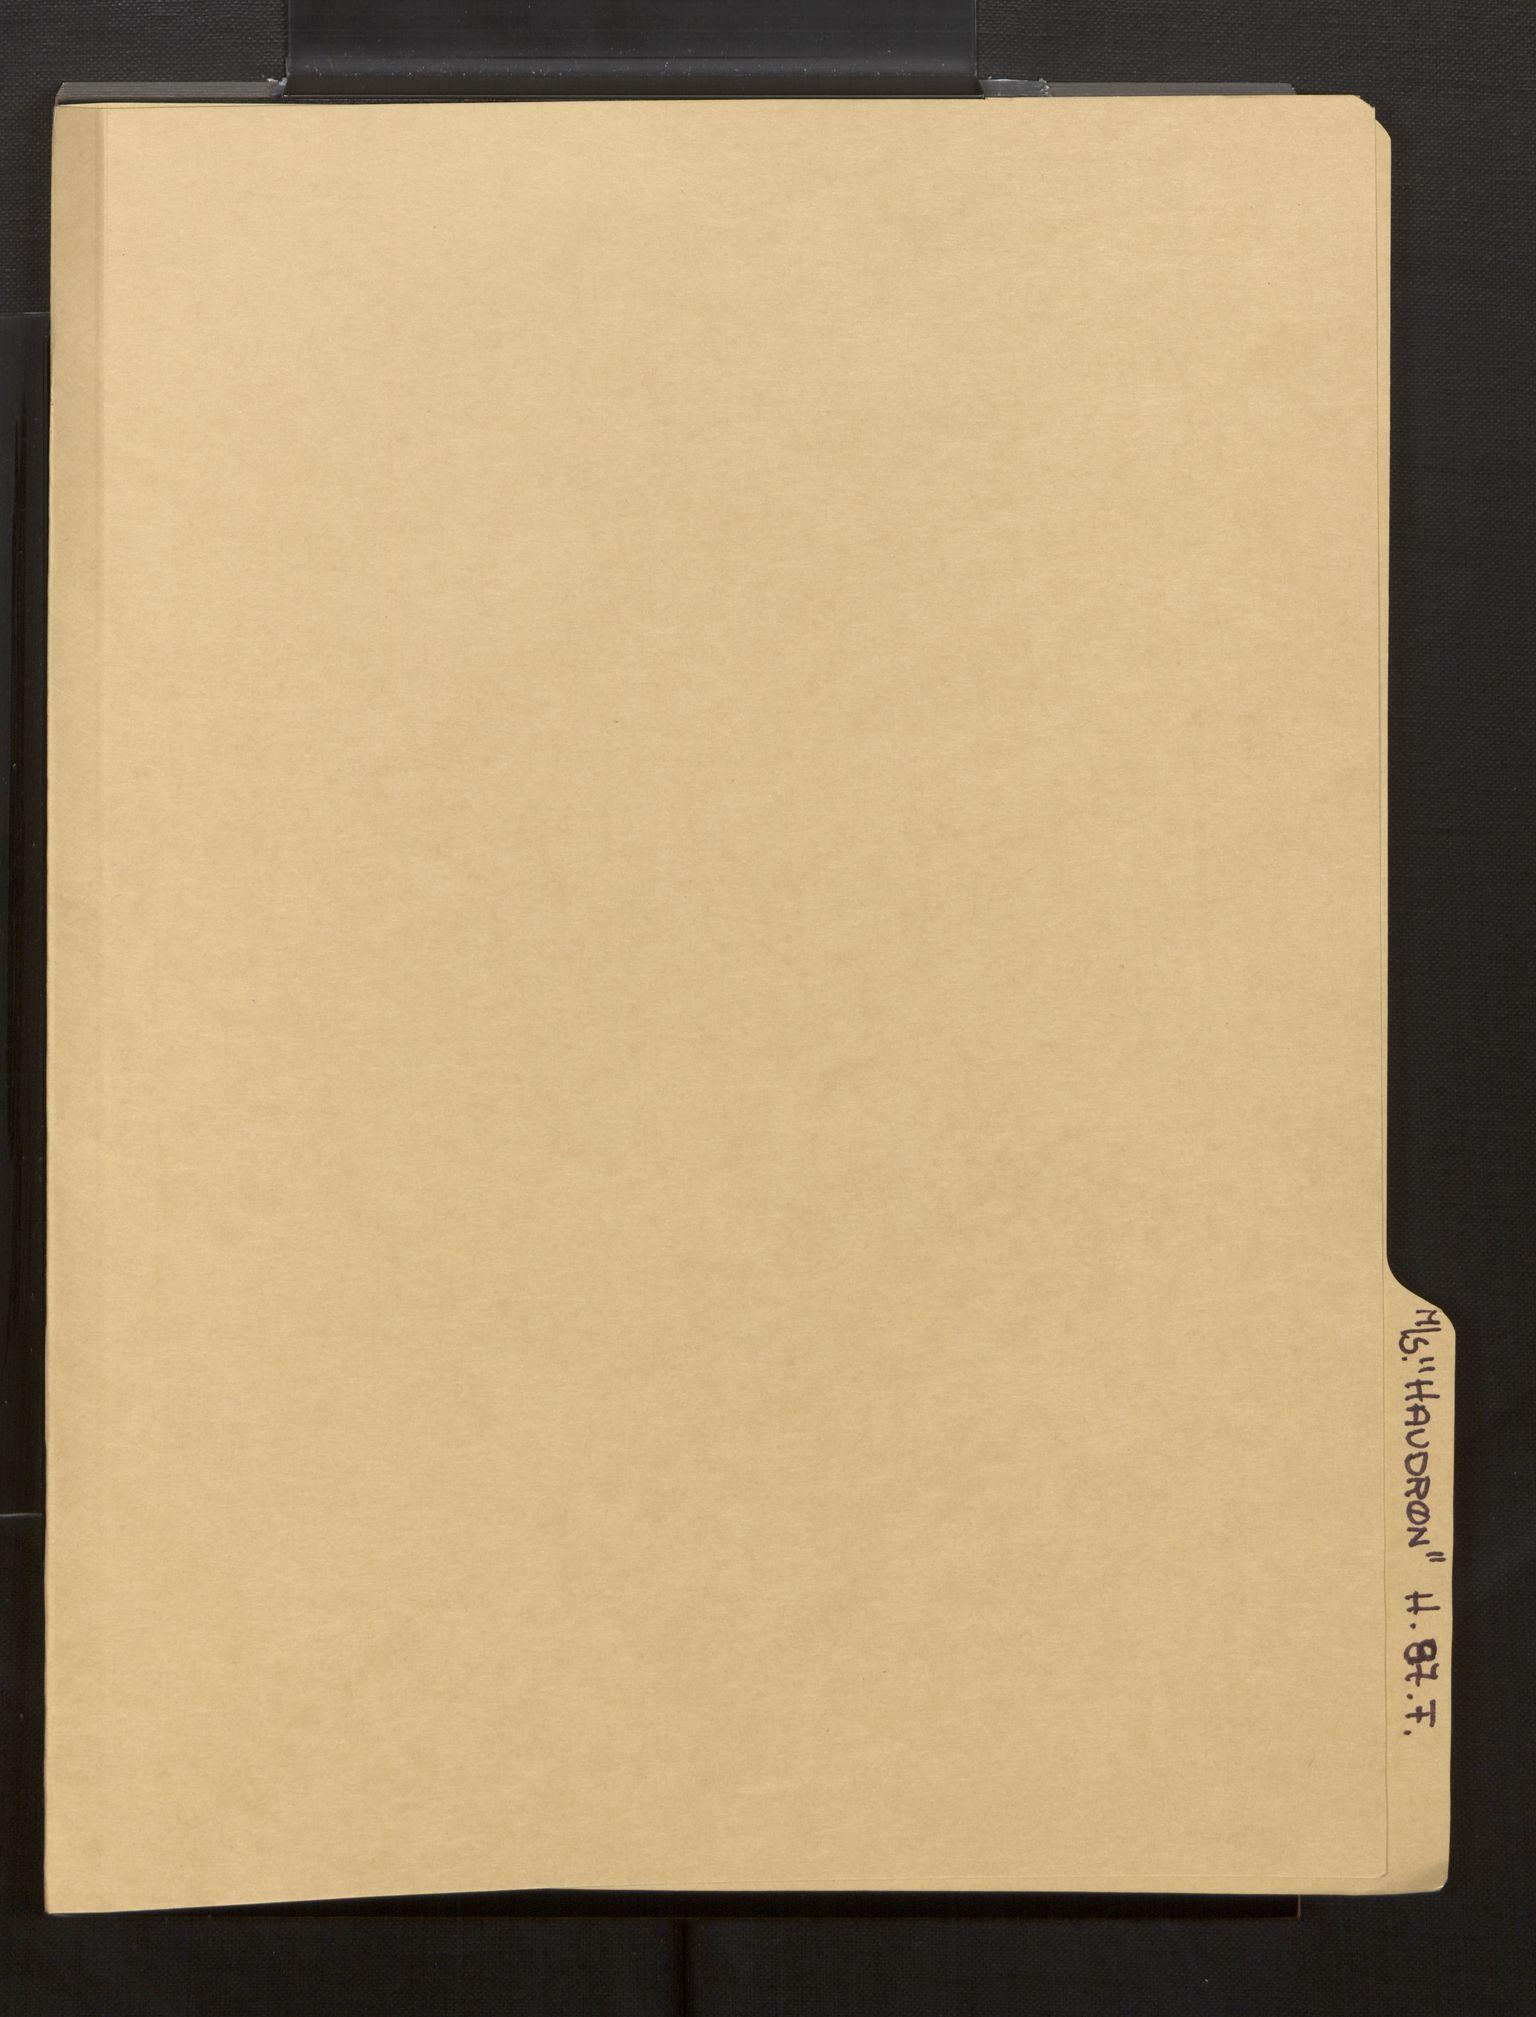 SAB, Fiskeridirektoratet - 1 Adm. ledelse - 13 Båtkontoret, La/L0042: Statens krigsforsikring for fiskeflåten, 1936-1971, s. 631